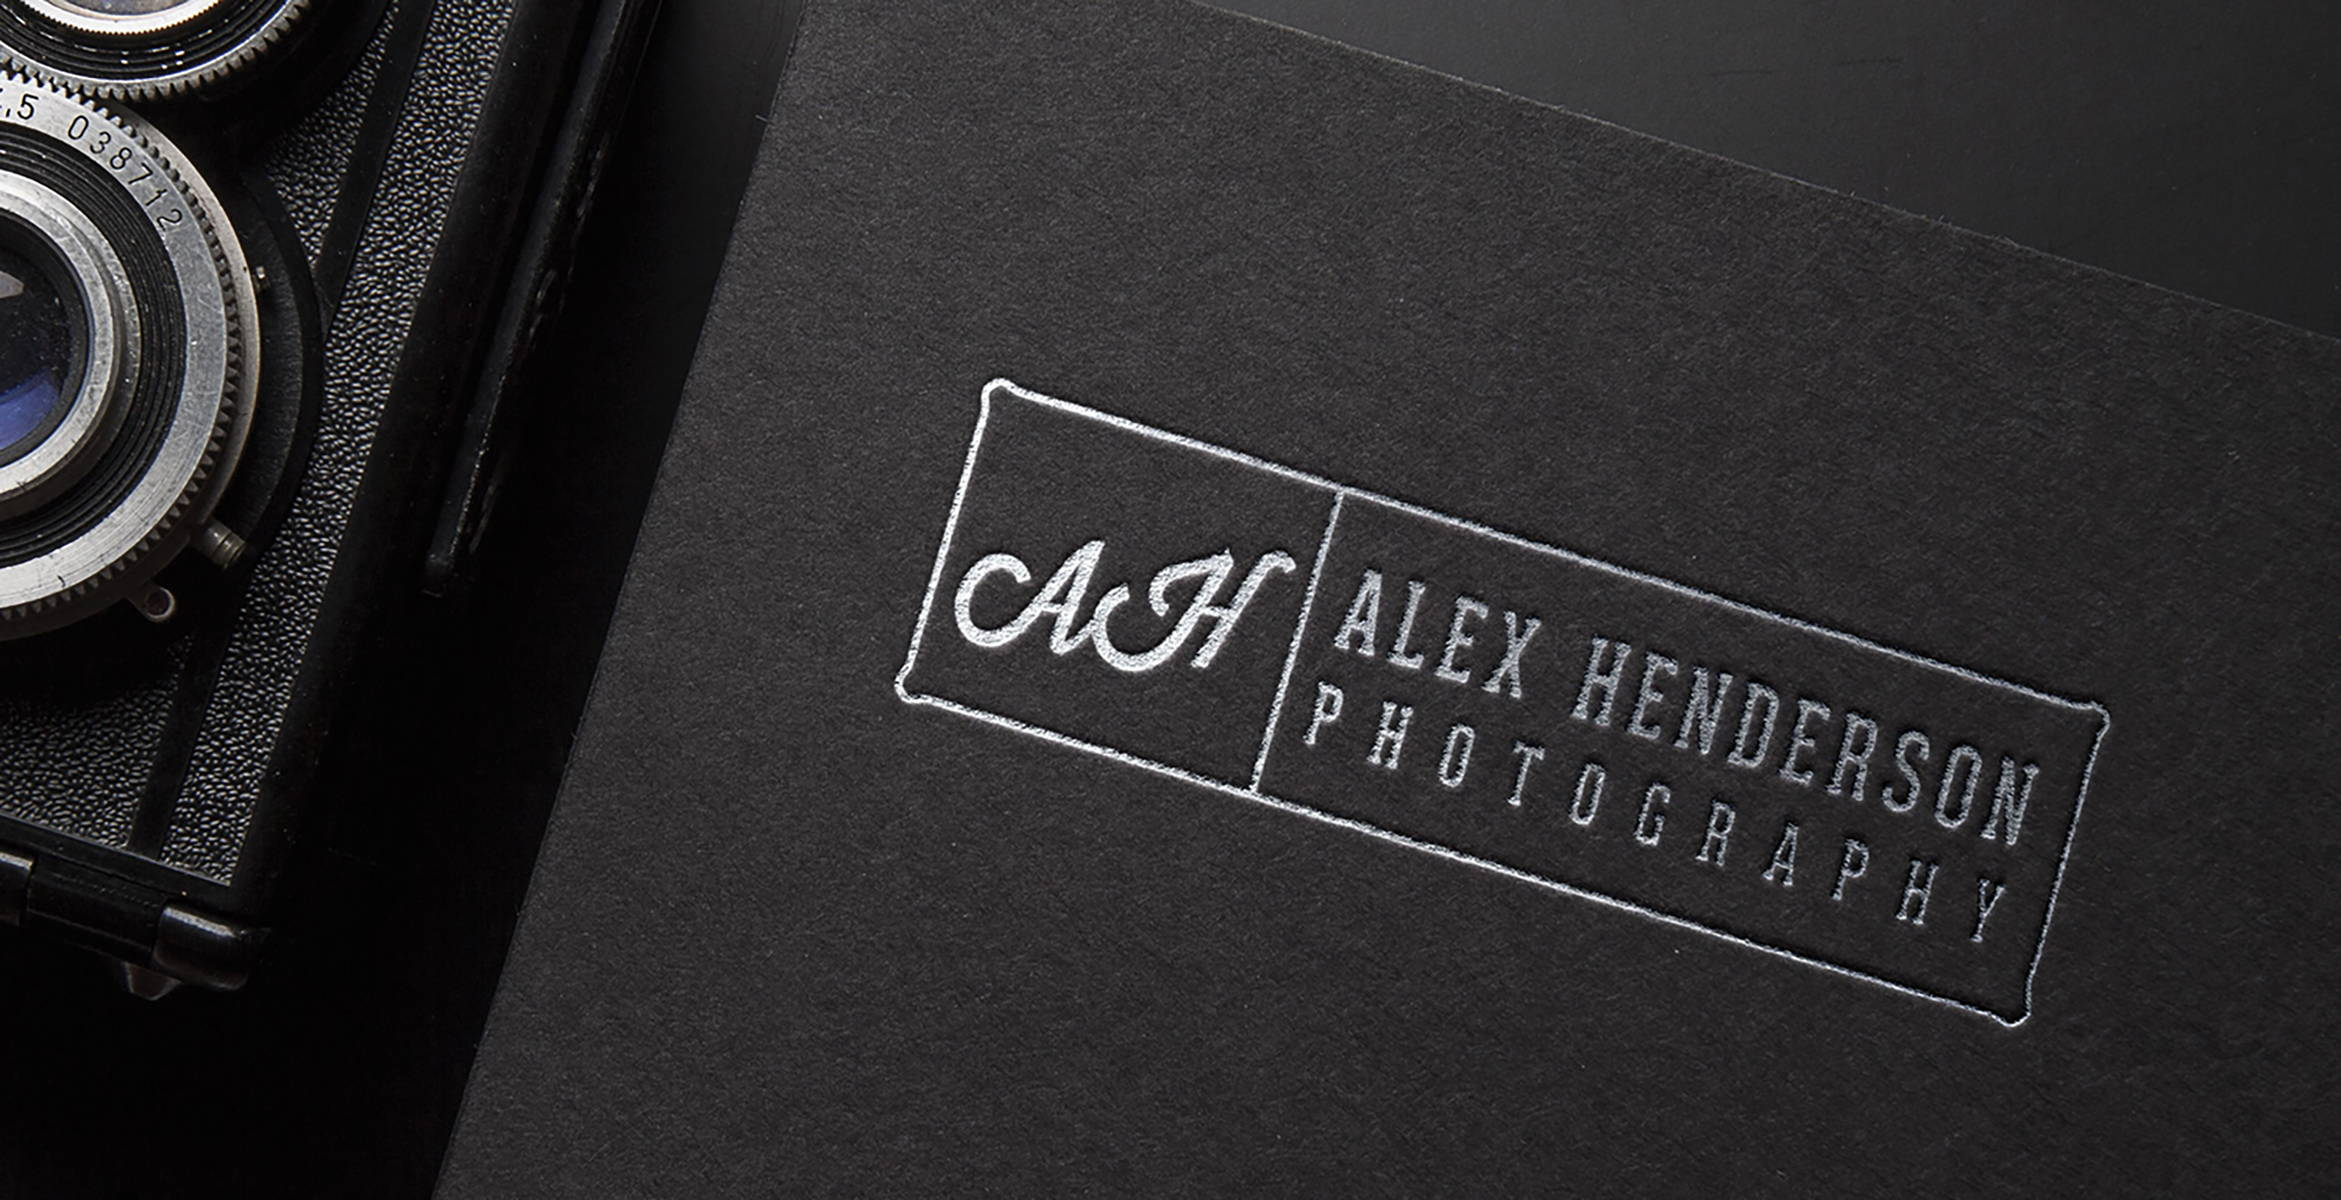 Debossed silver foil-stamping | Premium printing by Blank Sheet